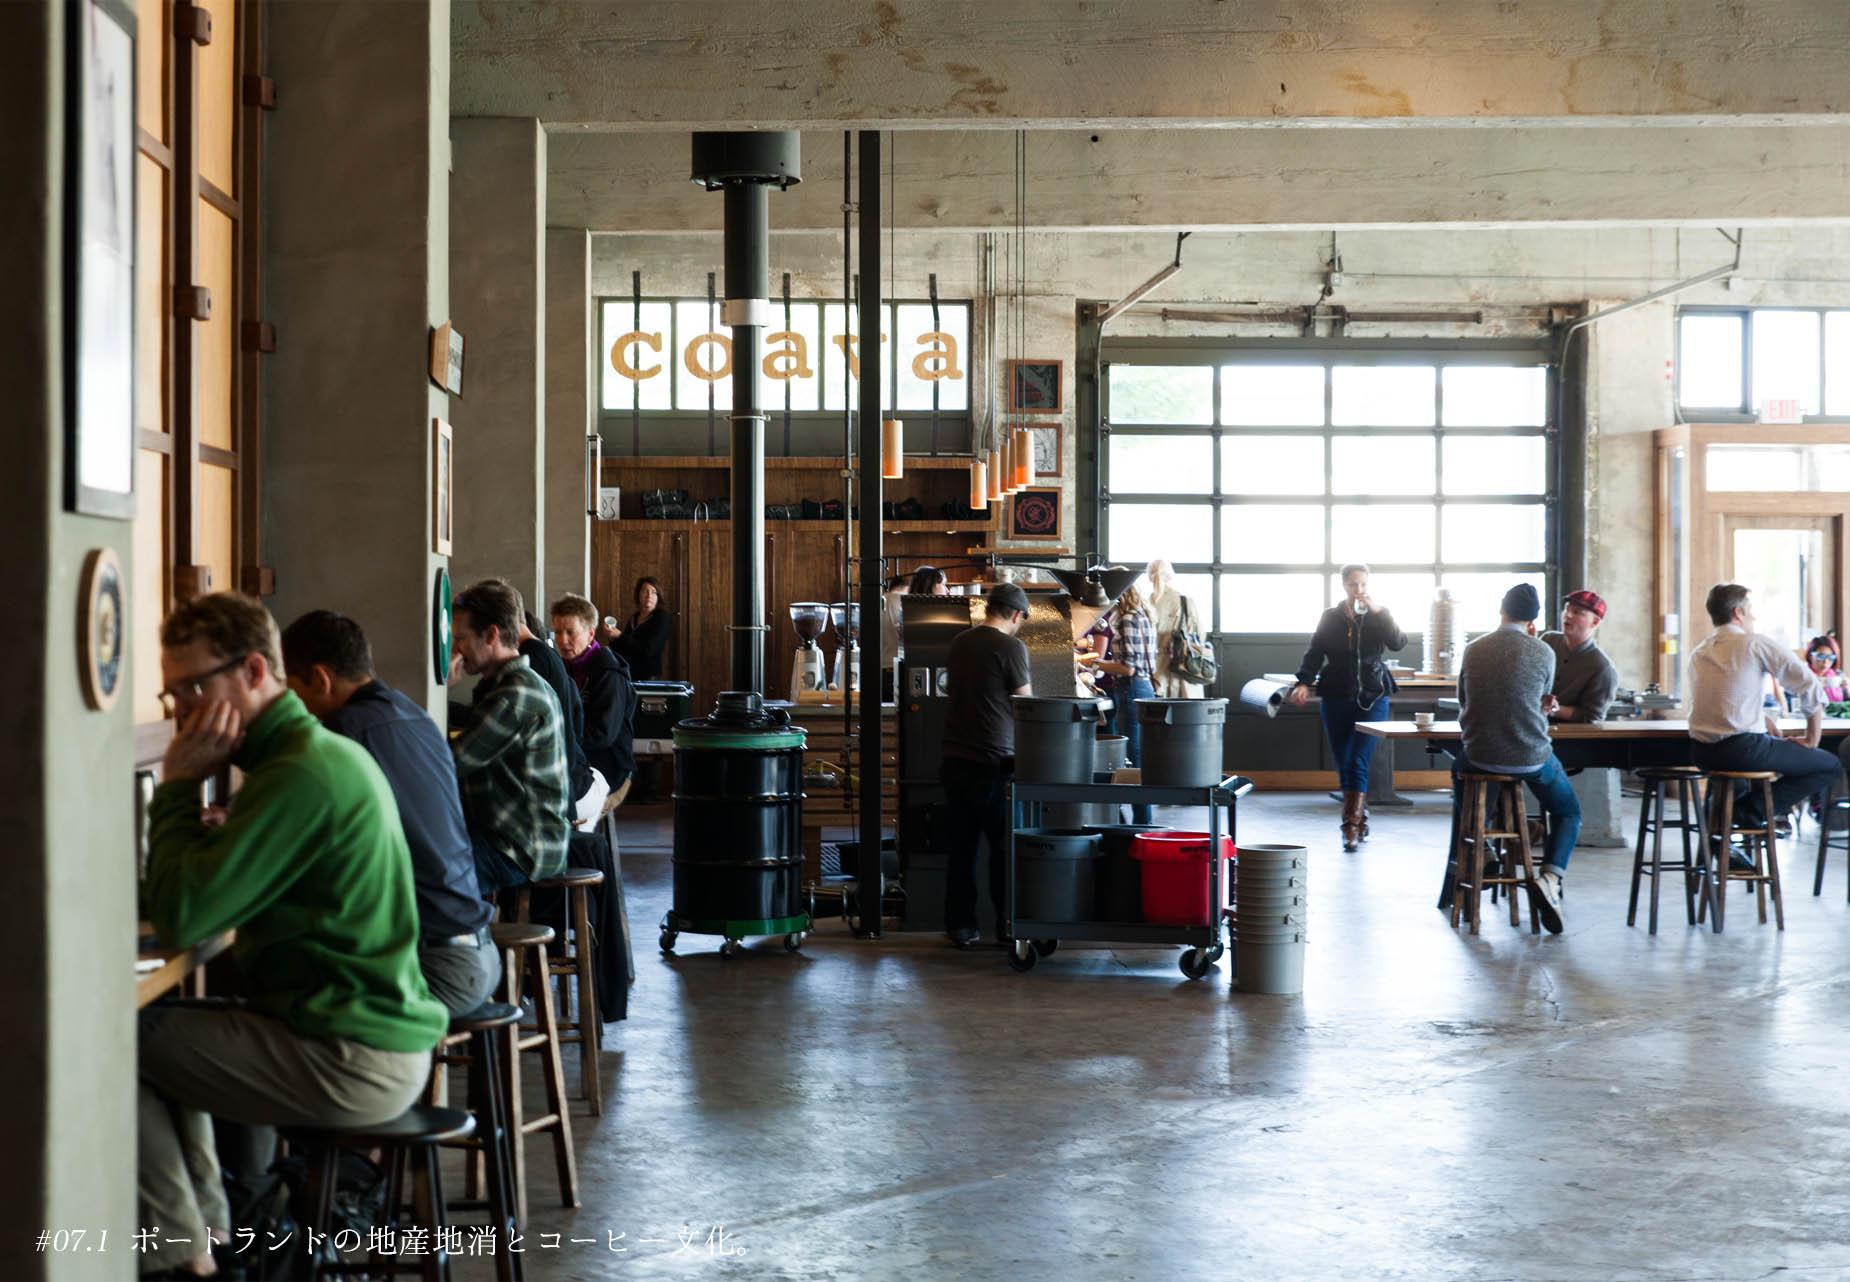 20150827_ポートランドの地産地消とコーヒー文化1c